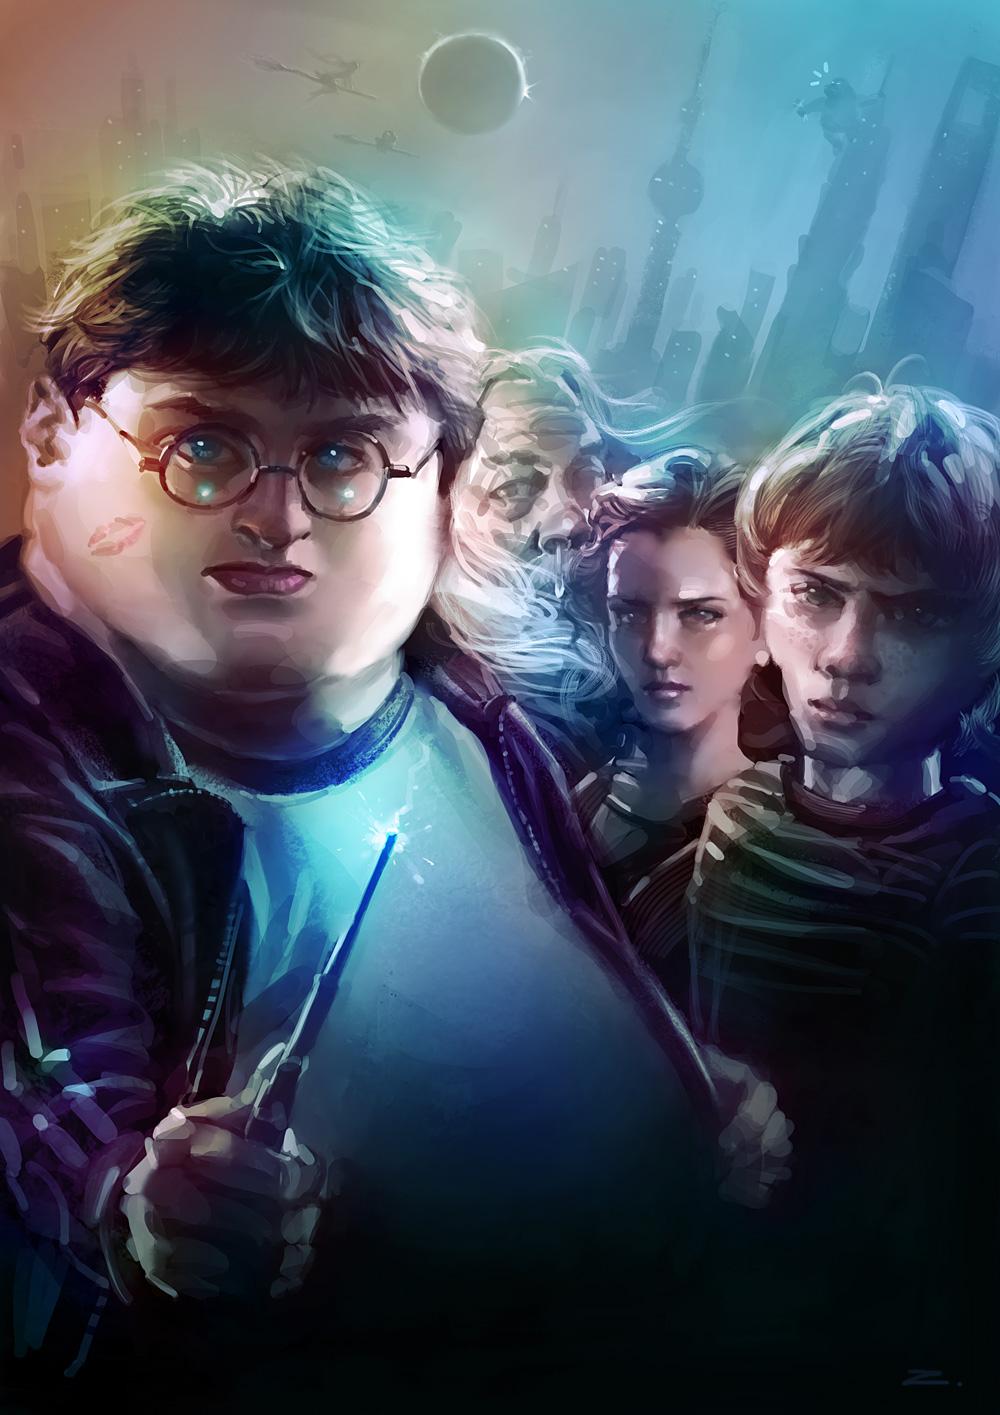 Harry Potter by zhuzhu